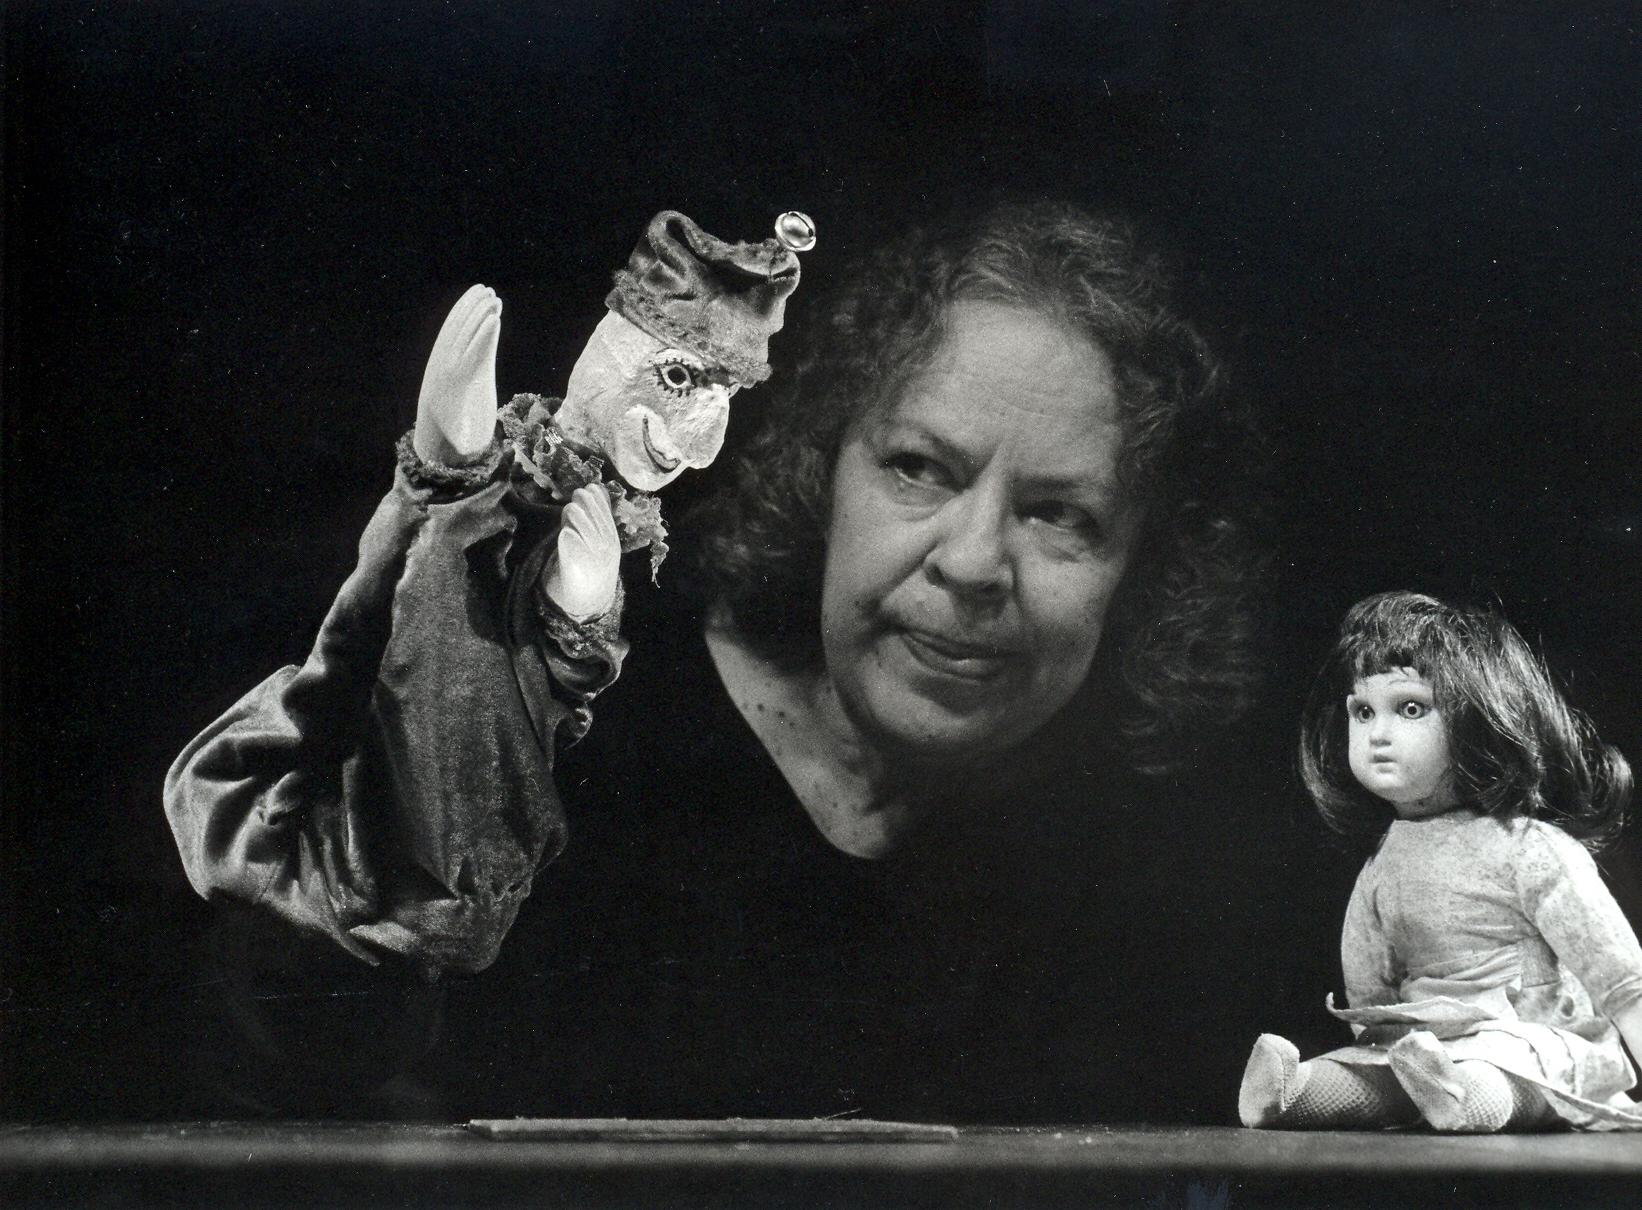 Sirppa Sivori-Asp (1928-2006), actrice Finlandaise, directrice du théâtre de marionnettes, du théâtre, de l'opéra et de la télévision, ancienne présidente de l'UNIMA Internationale et directrice du <em>Nukketeatteri Vihreä Omena</em> (Théâtre de marionnettes Pomme Verte, Helsinki, Finlande), dans son spectacle, <em>Matkalla kymmenen valtakunnan taa</em> (La Terre Lointaine, 1989), un solo basé sur ses propres expériences pendant la guerre. Photo: Rauno Träskelin